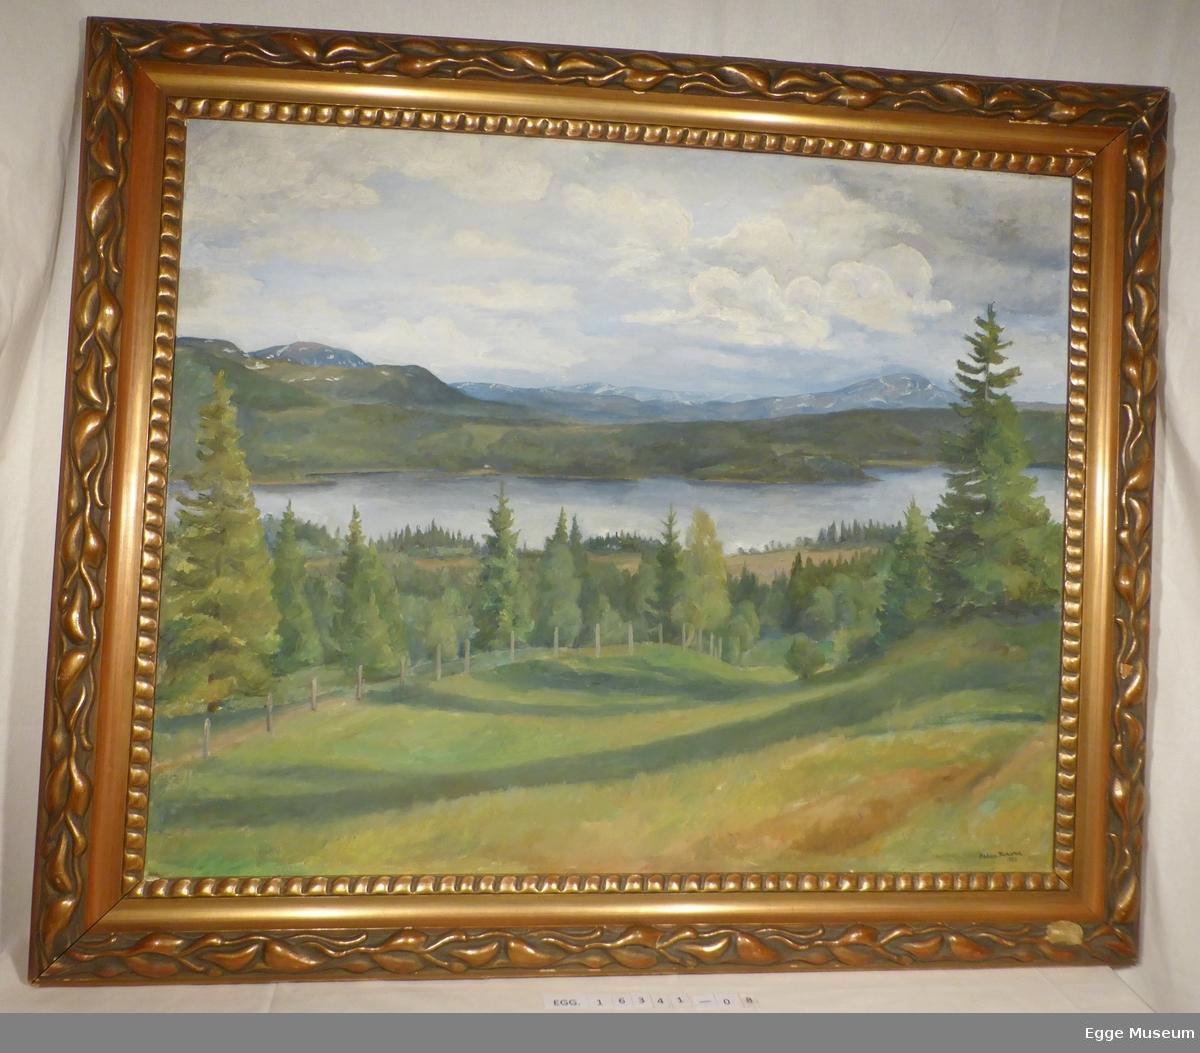 Maleriet viser et vann omgitt av fjell, skog, beiter, og jorder. Alt er grønt, så det er sannsynligvis på våren/sommeren. Skogen ser ut til å bestå av bartrær, noe blandingsskog. I enden av jordet nærmest i bildet går det ei rekke med det som sannsynligvis er gjerdestolper.